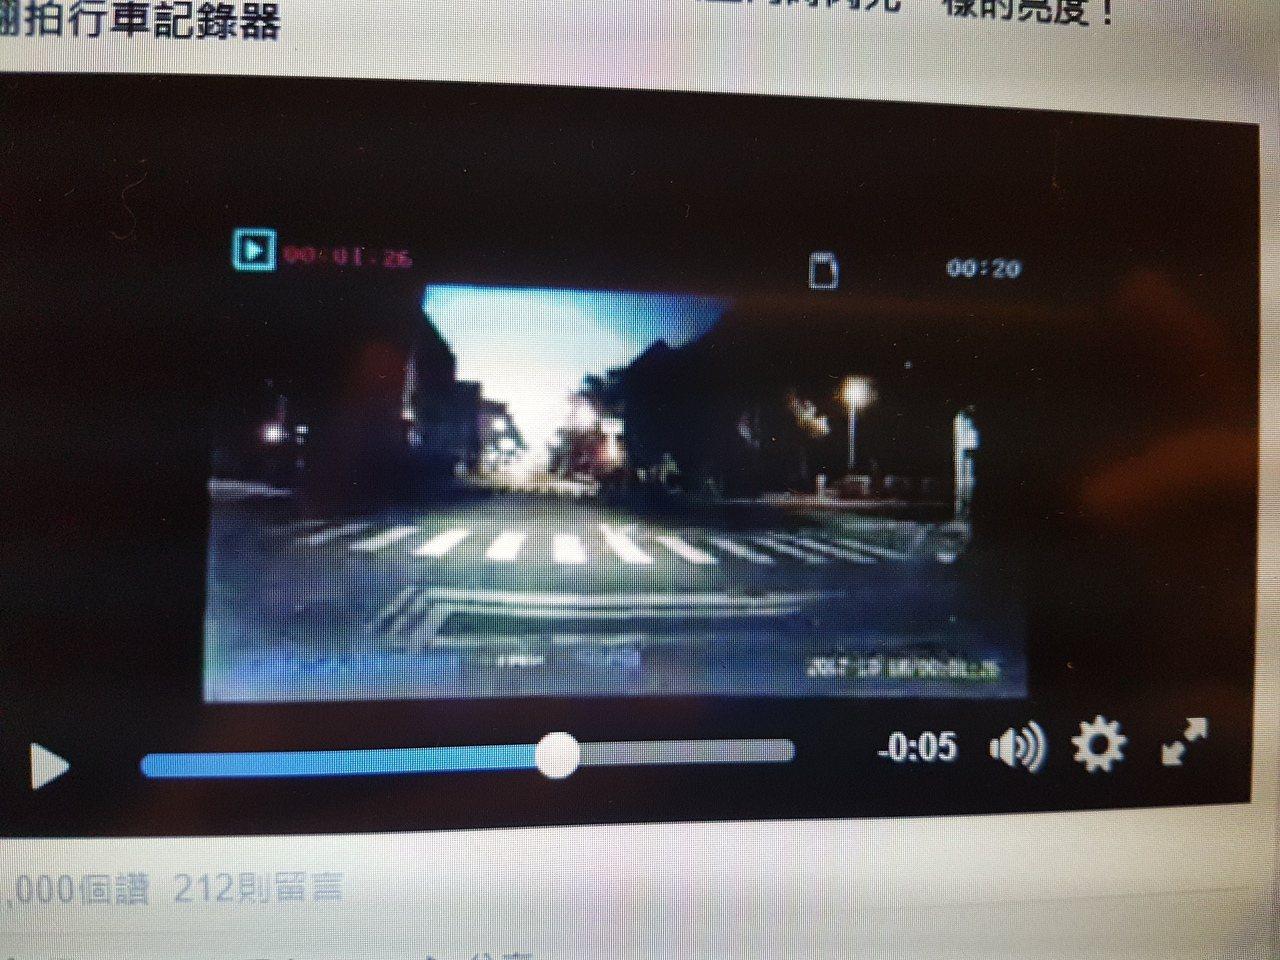 台南今天凌晨發生連續跳電,天空並出現藍色強閃光,民眾以為是地震造成,網友在網路上...